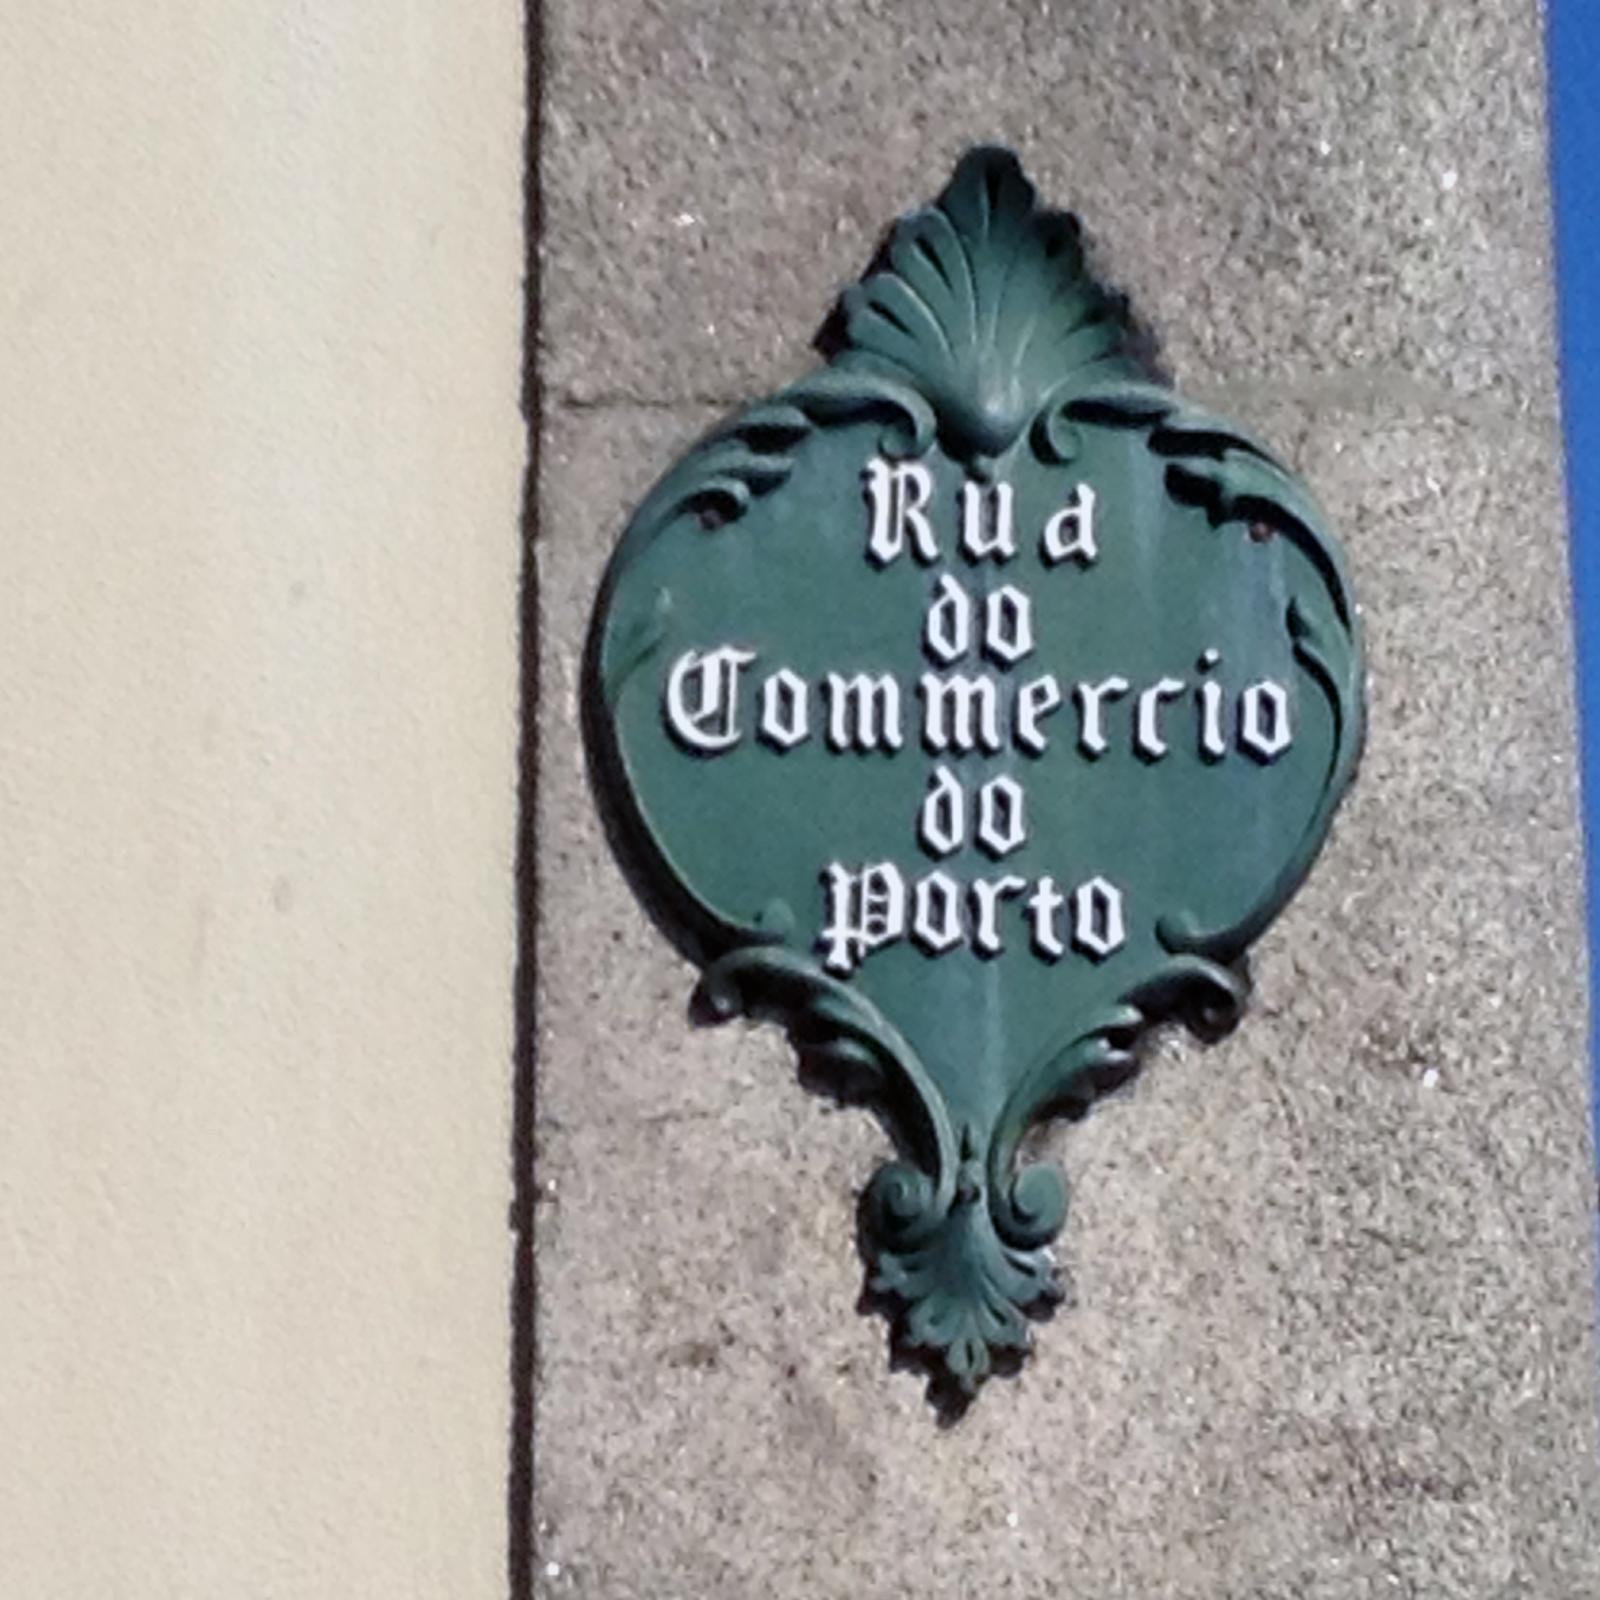 Rua do Comércio do Porto encerrada – Aluimento de terras